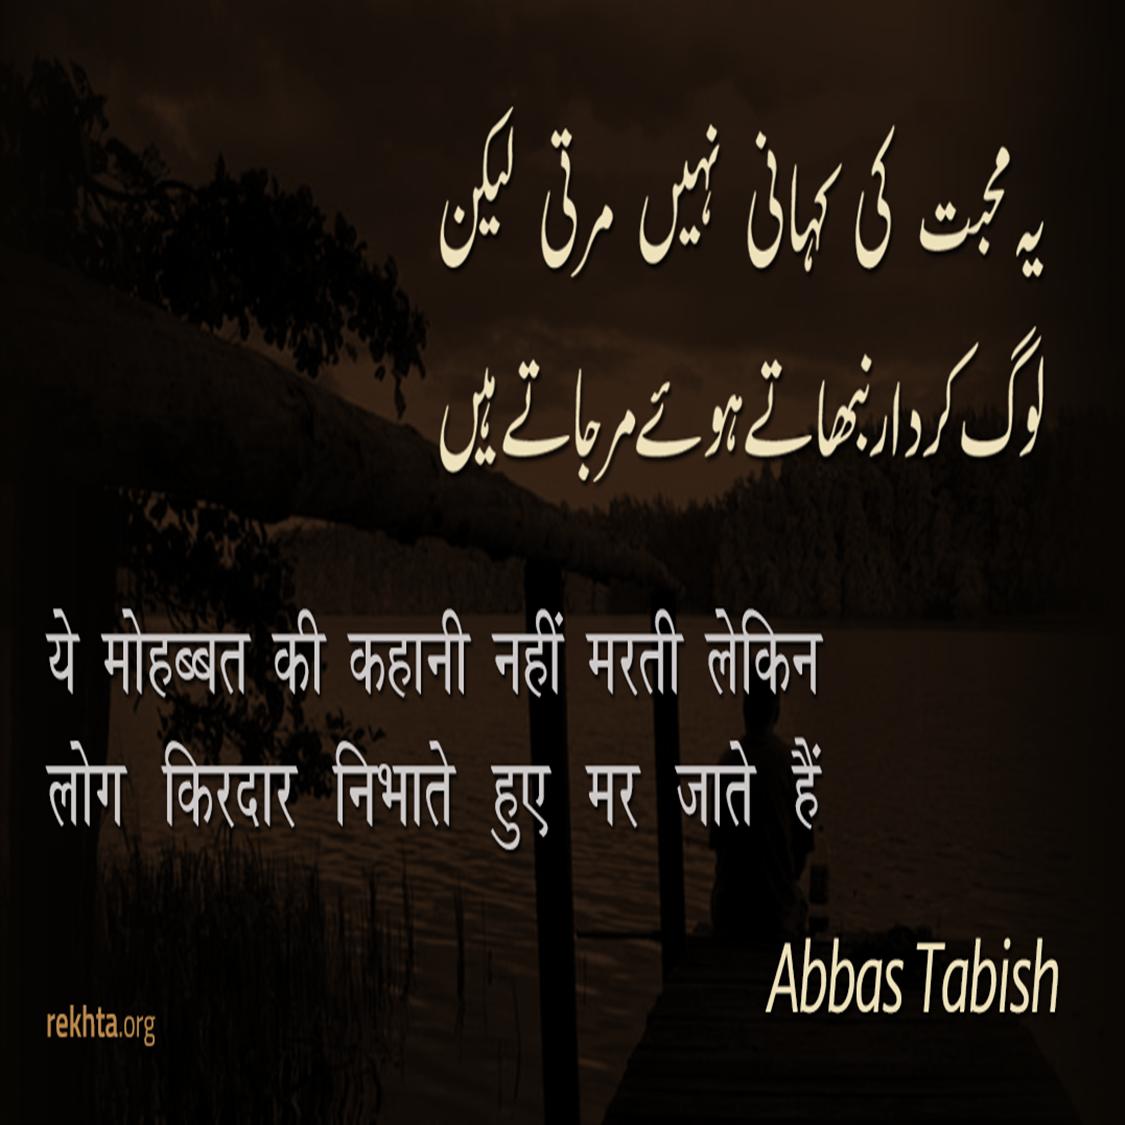 ye mohabbat kii kahaanii nahii.n martii lekin-Abbas Tabish